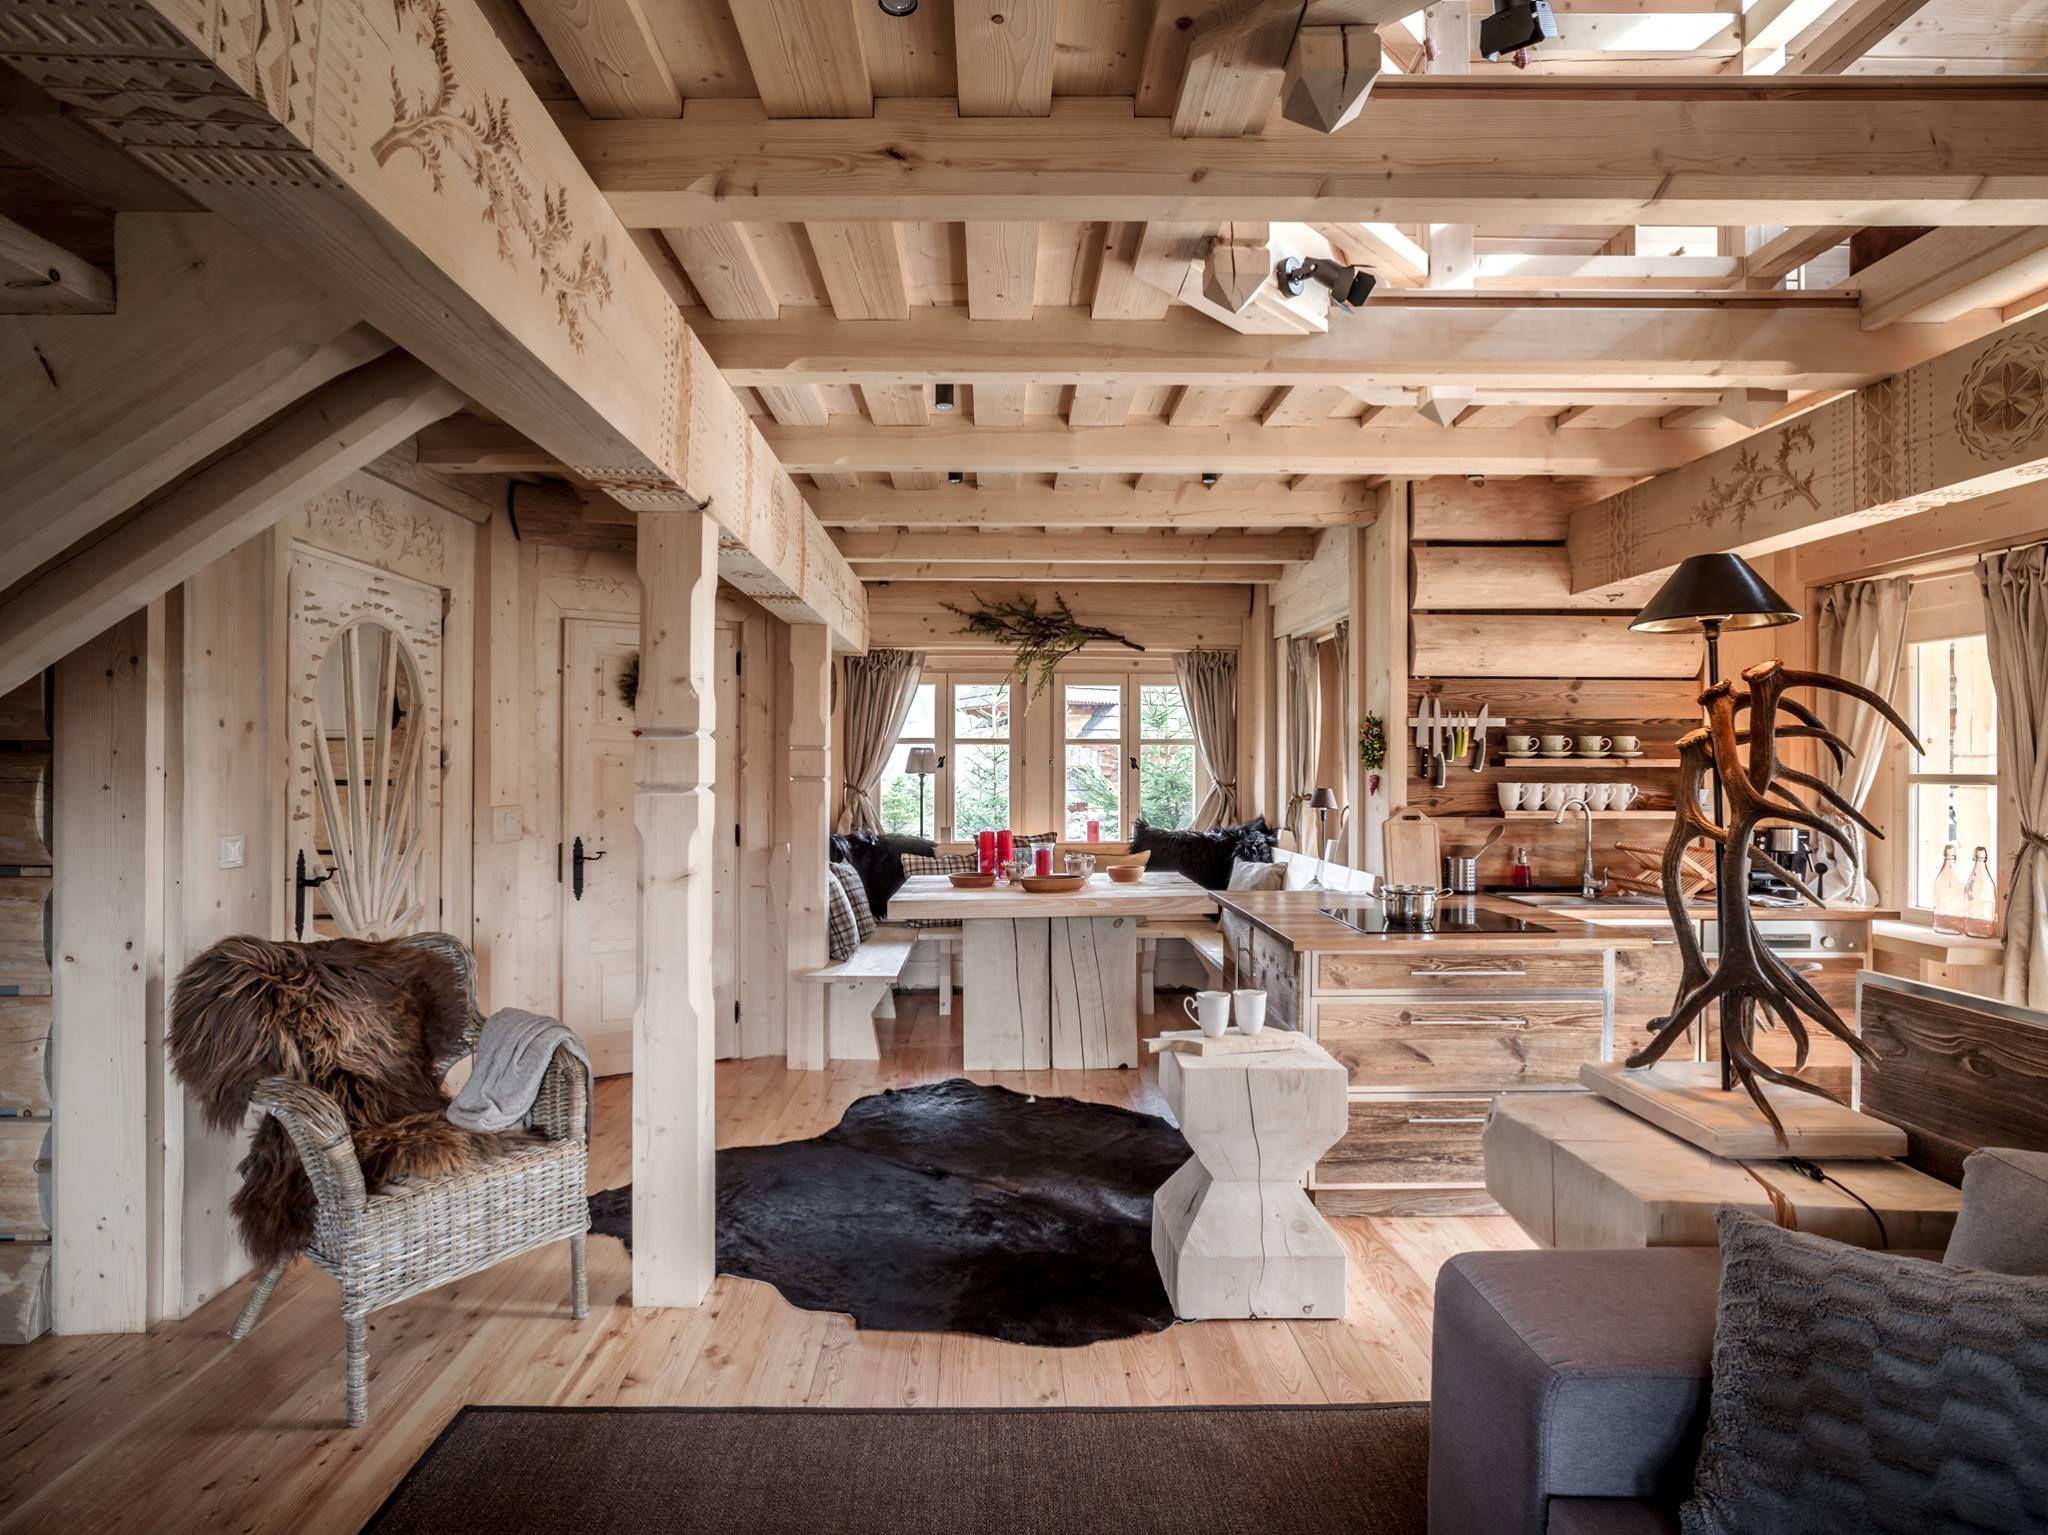 совсем лофт в деревянном доме из сруба фото одной партии